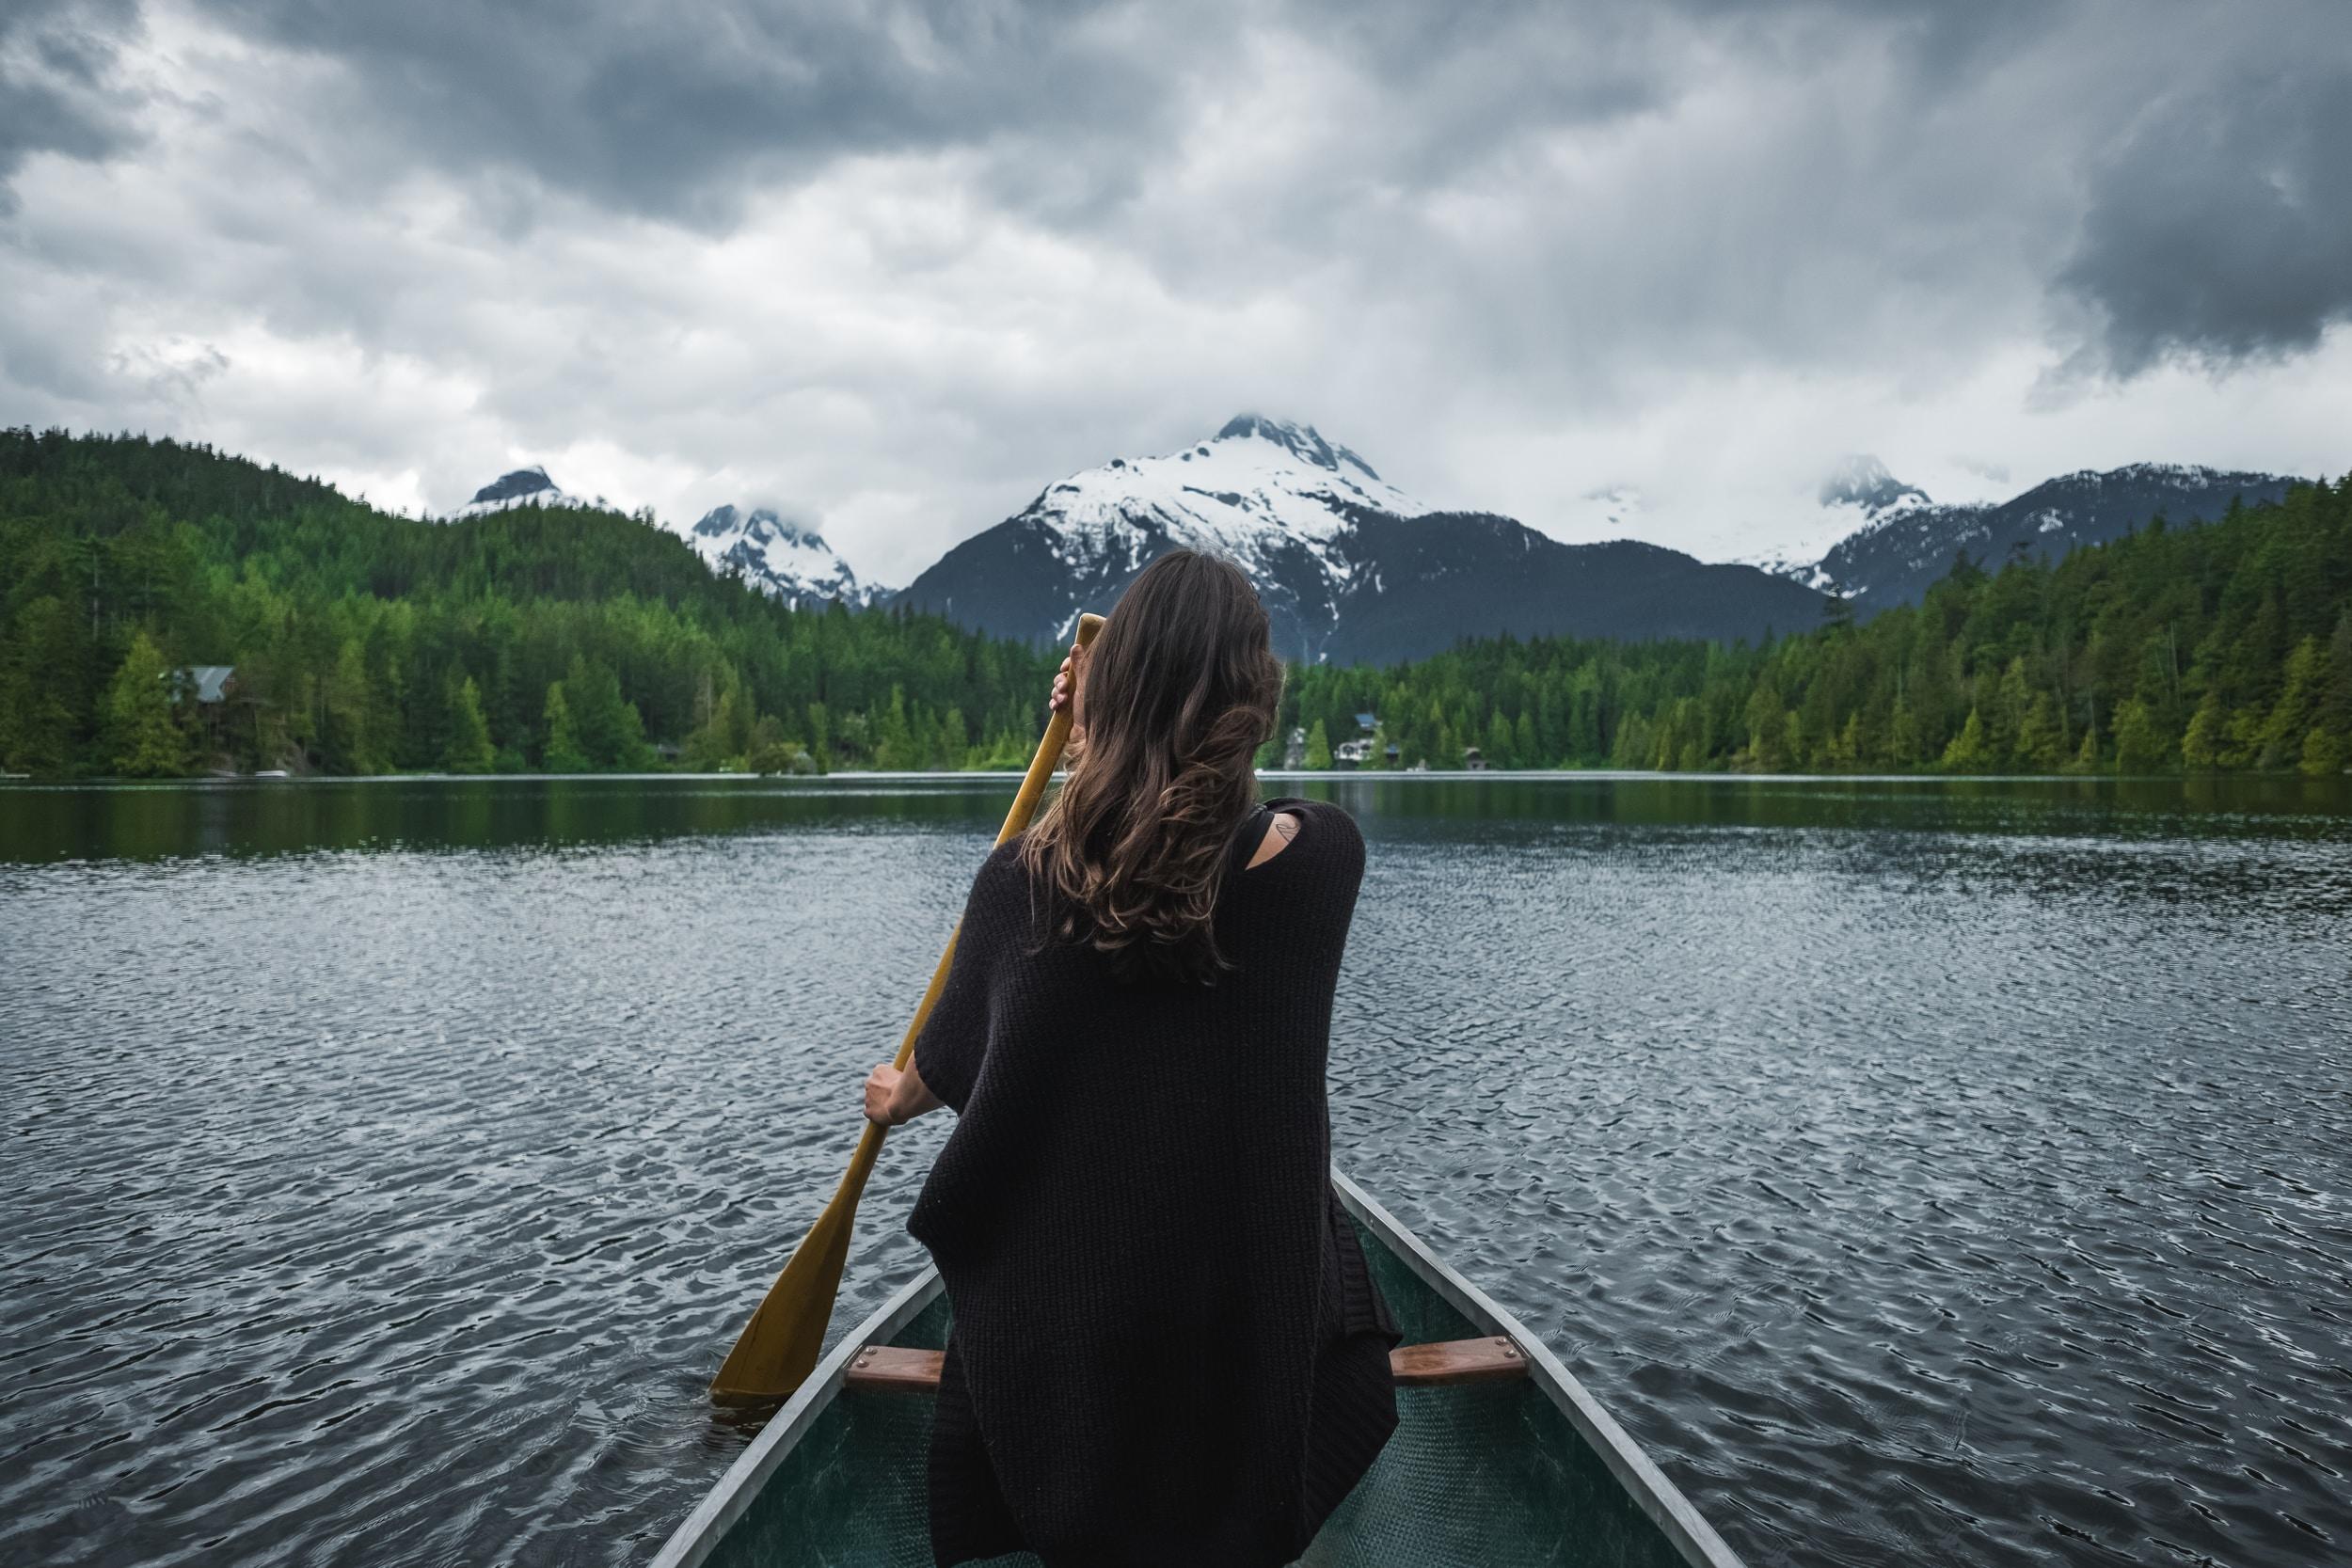 woman riding boat sailing